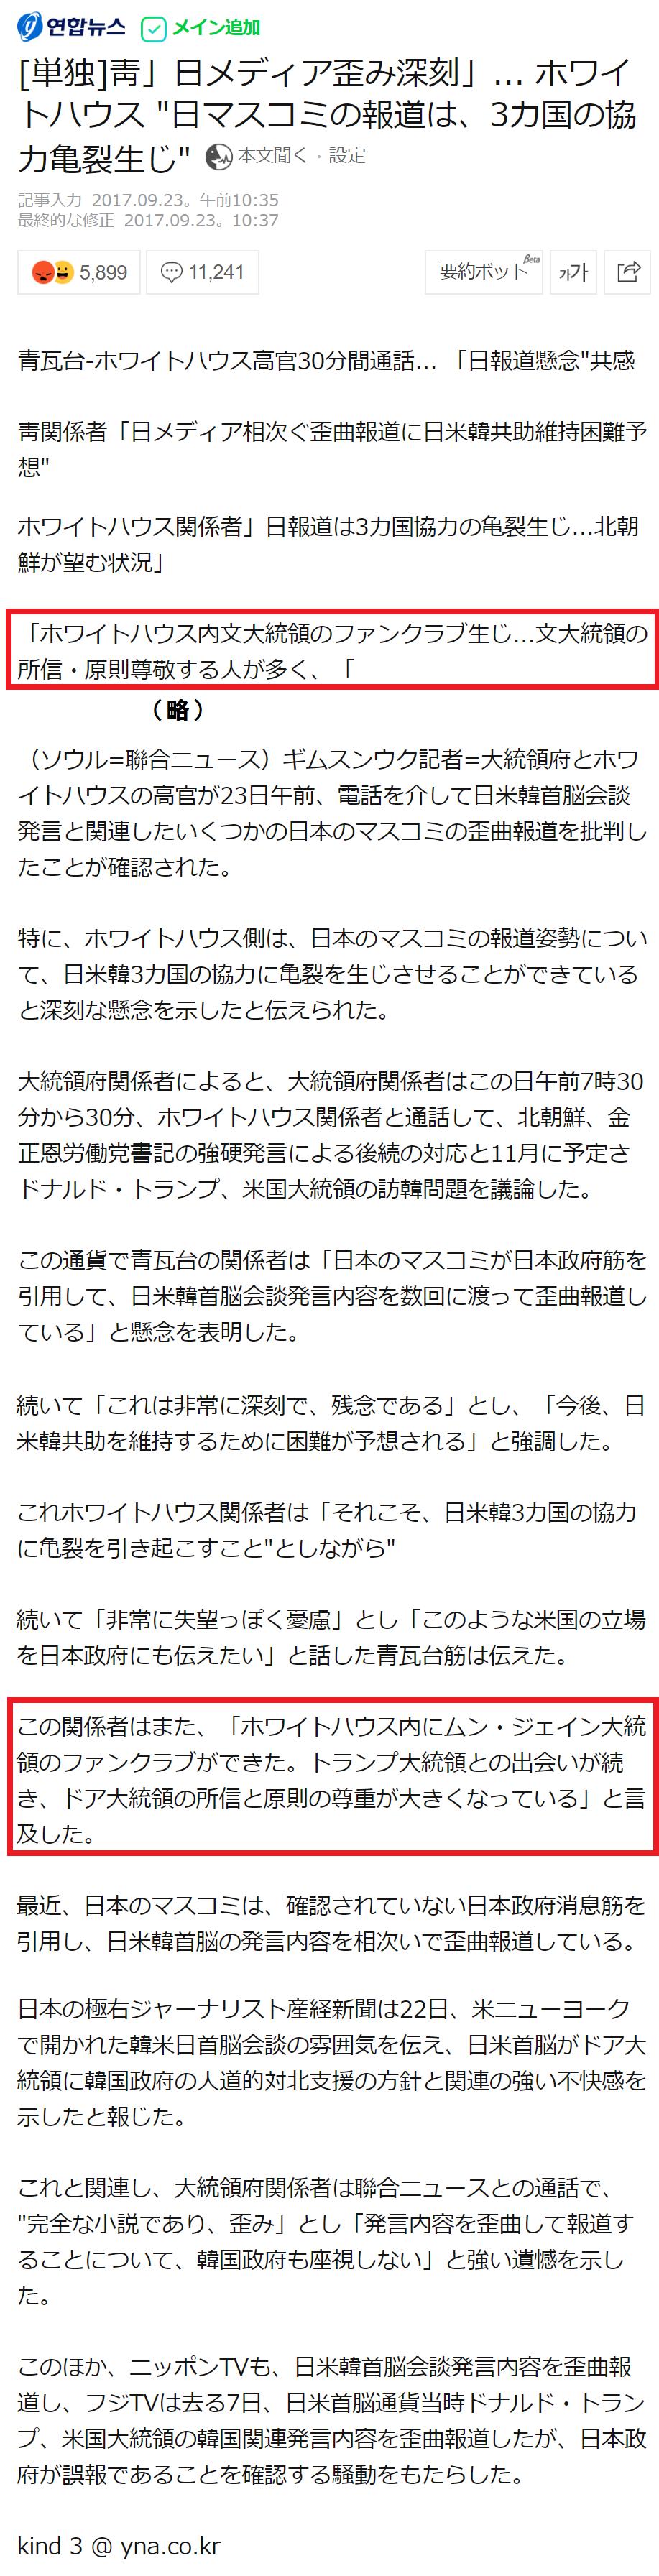 聯合ニュース「ホワイトハウス内にブンザイ寅大統領のファンクラブができた。」日本語訳